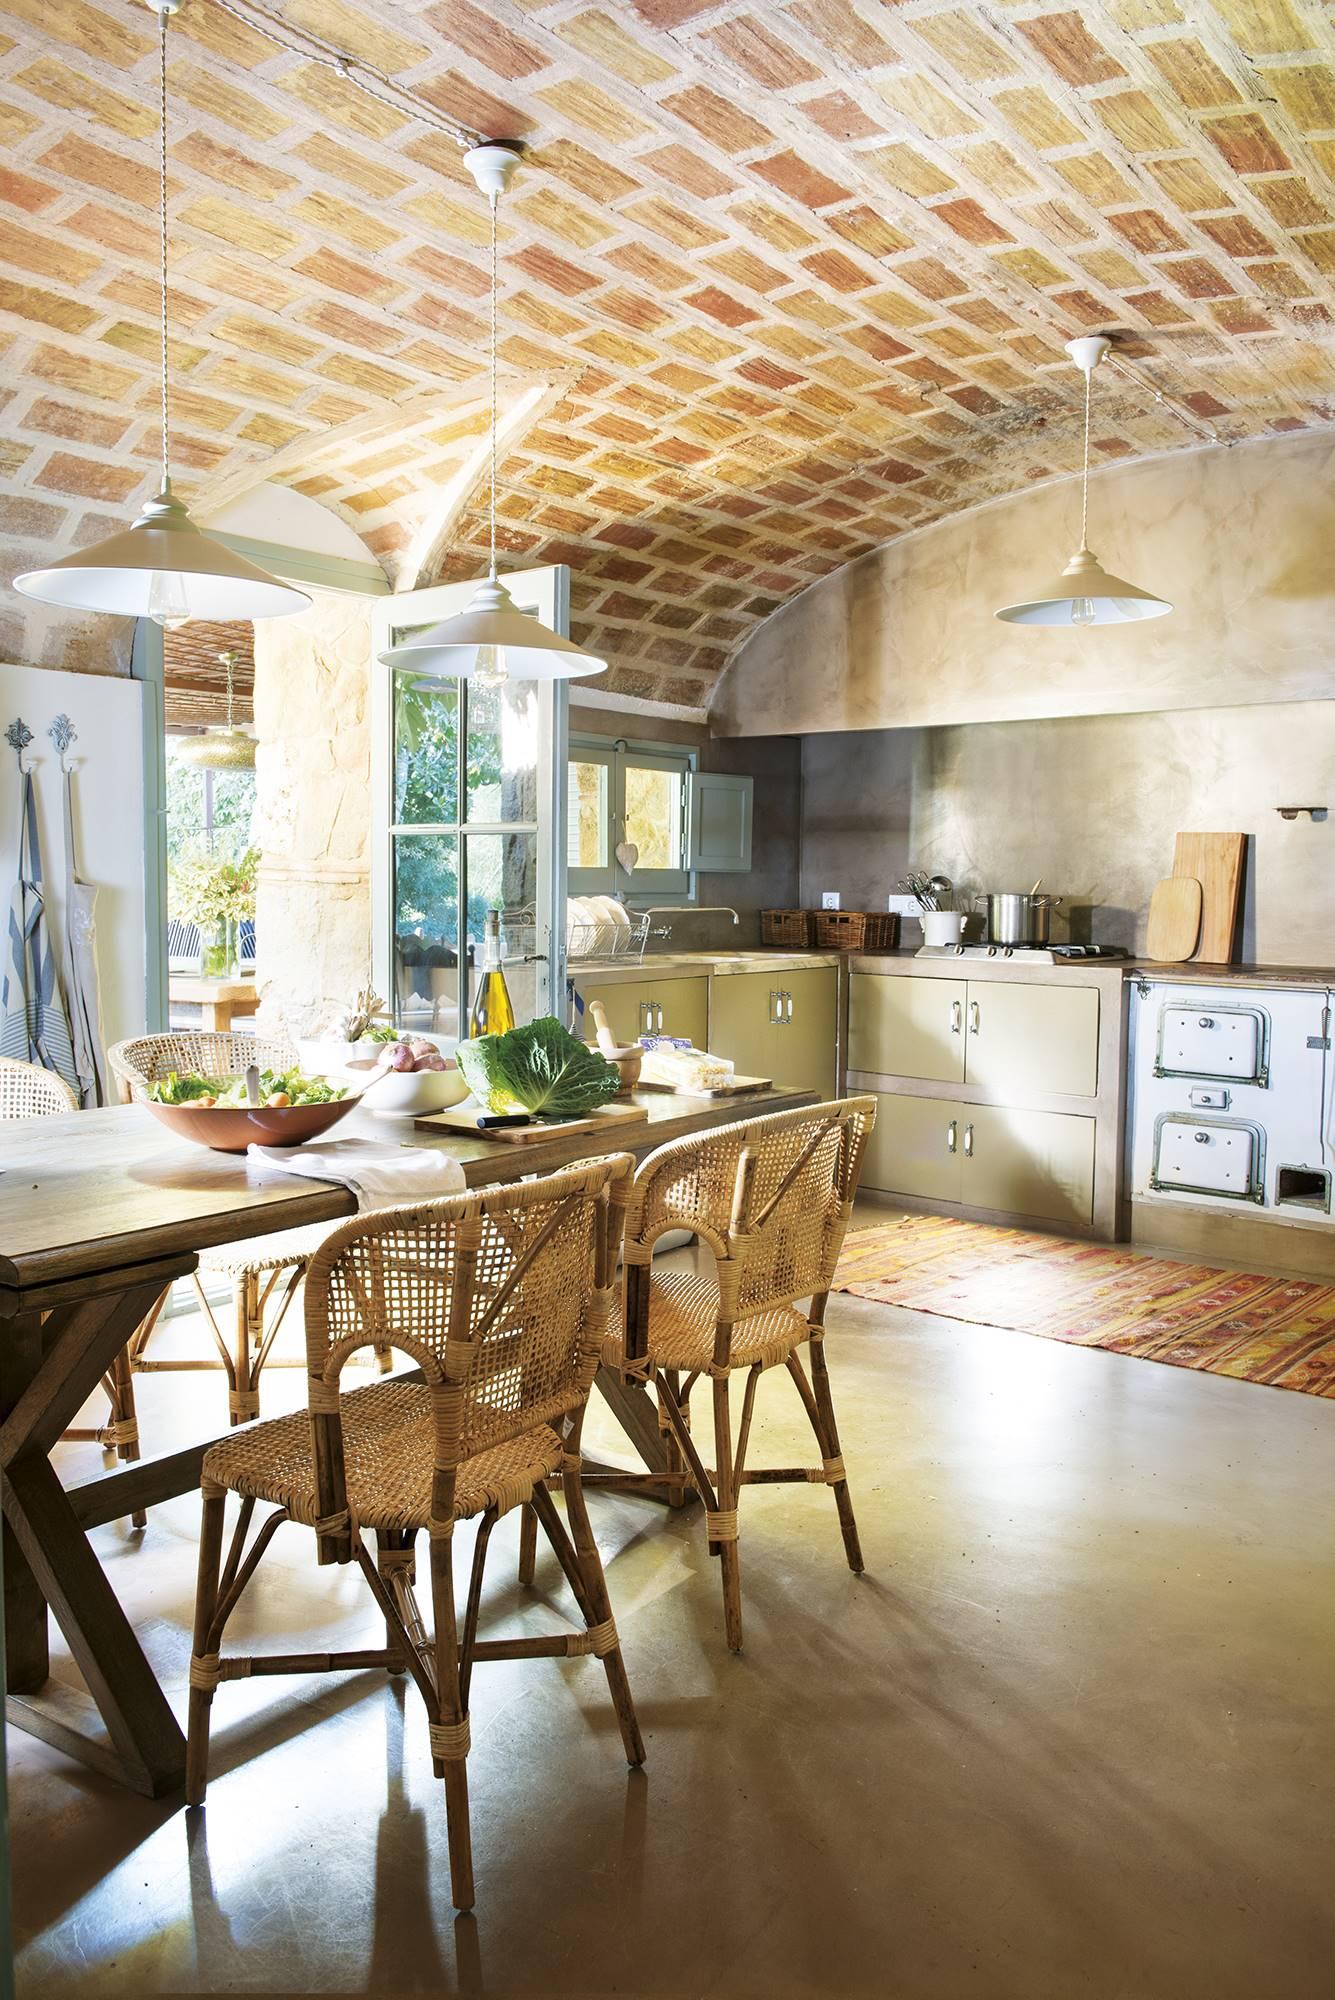 50 casas r sticas espectaculares - Casas de campo el mueble ...